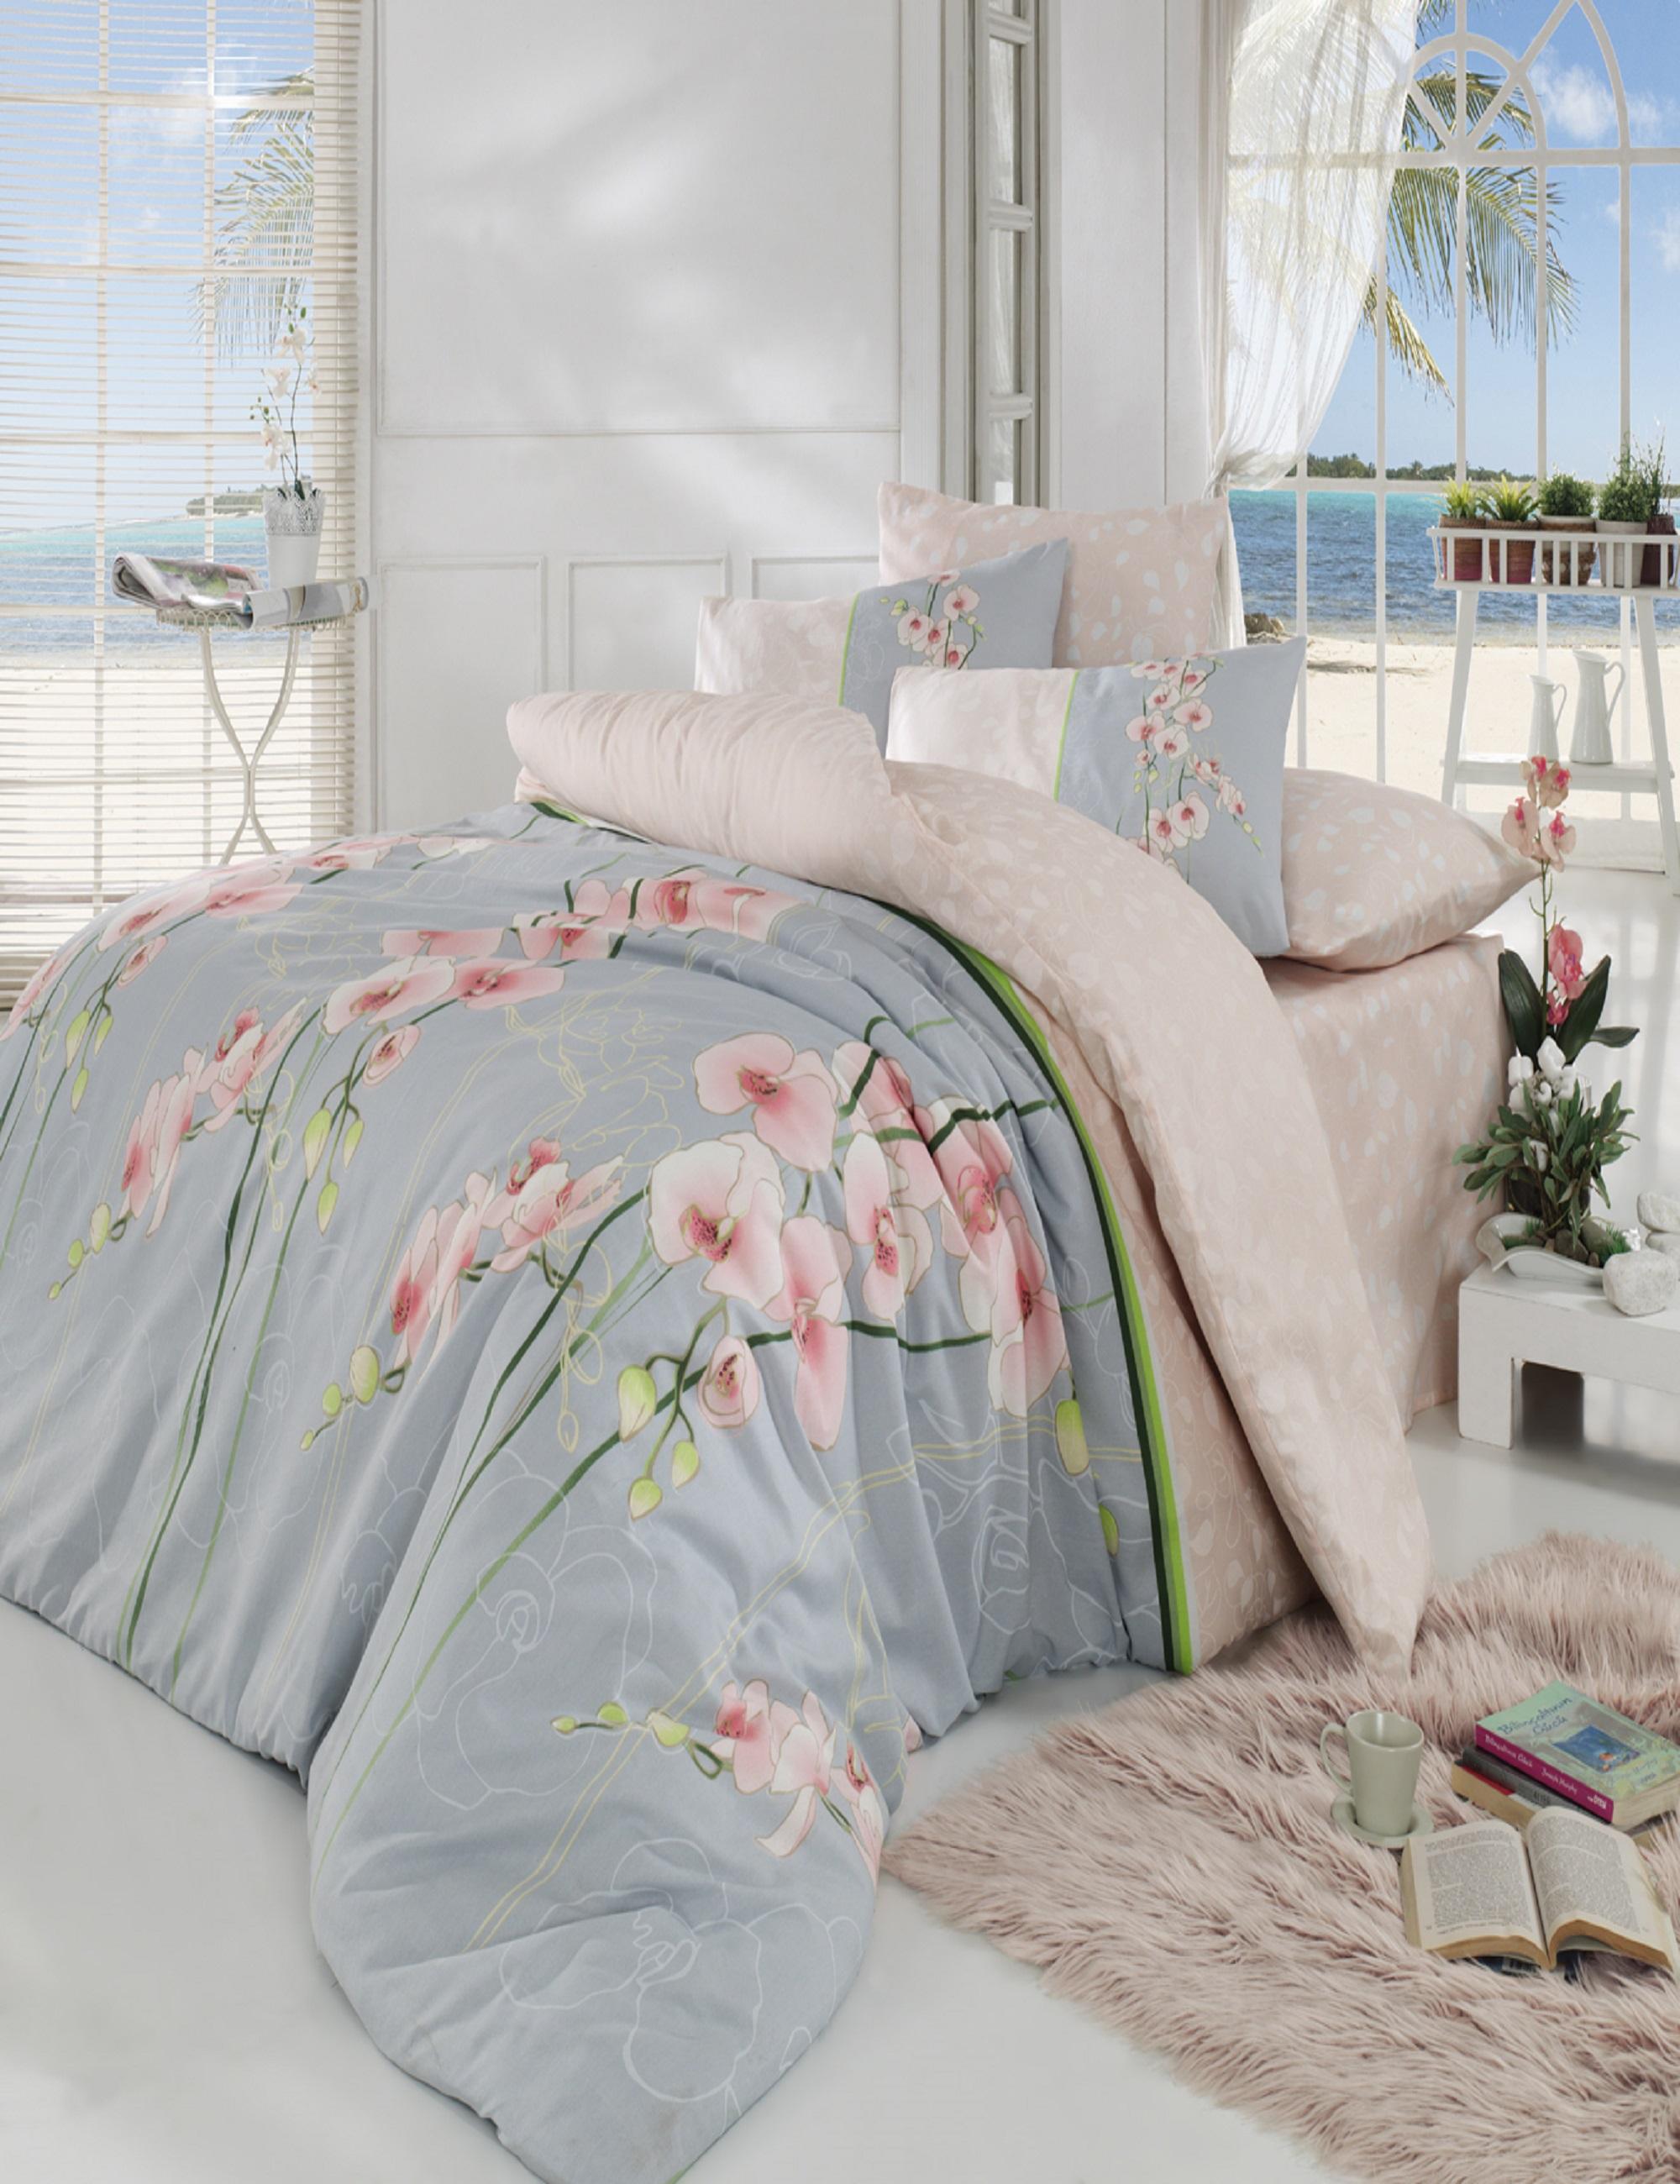 Постельное белье Cotton Life Постельное белье Orkide Цвет: Персиковый (2 сп. евро) cotton life постельное белье patchwork цвет красный 1 5 спал